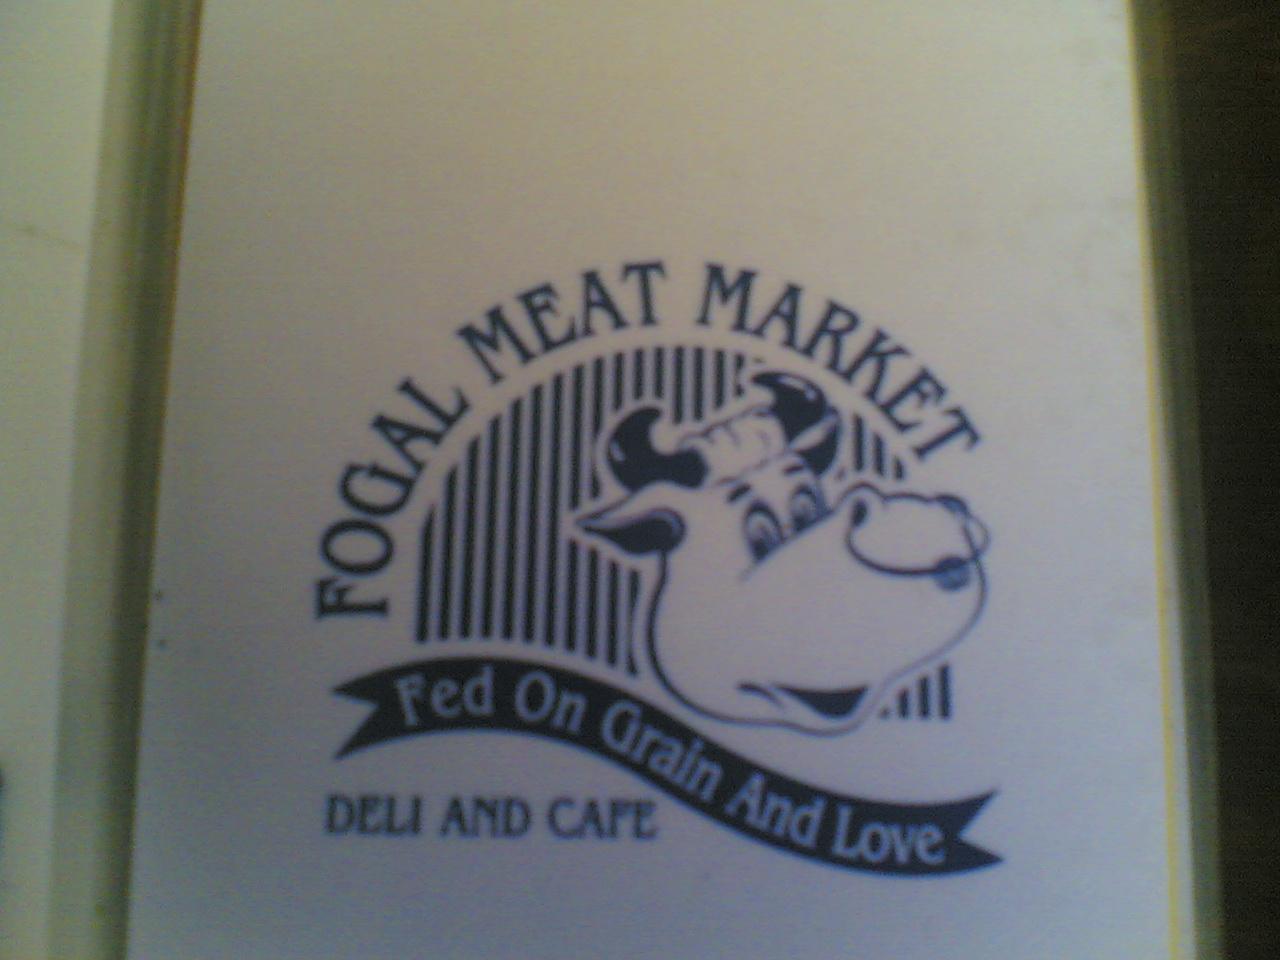 Fogal Meat Market